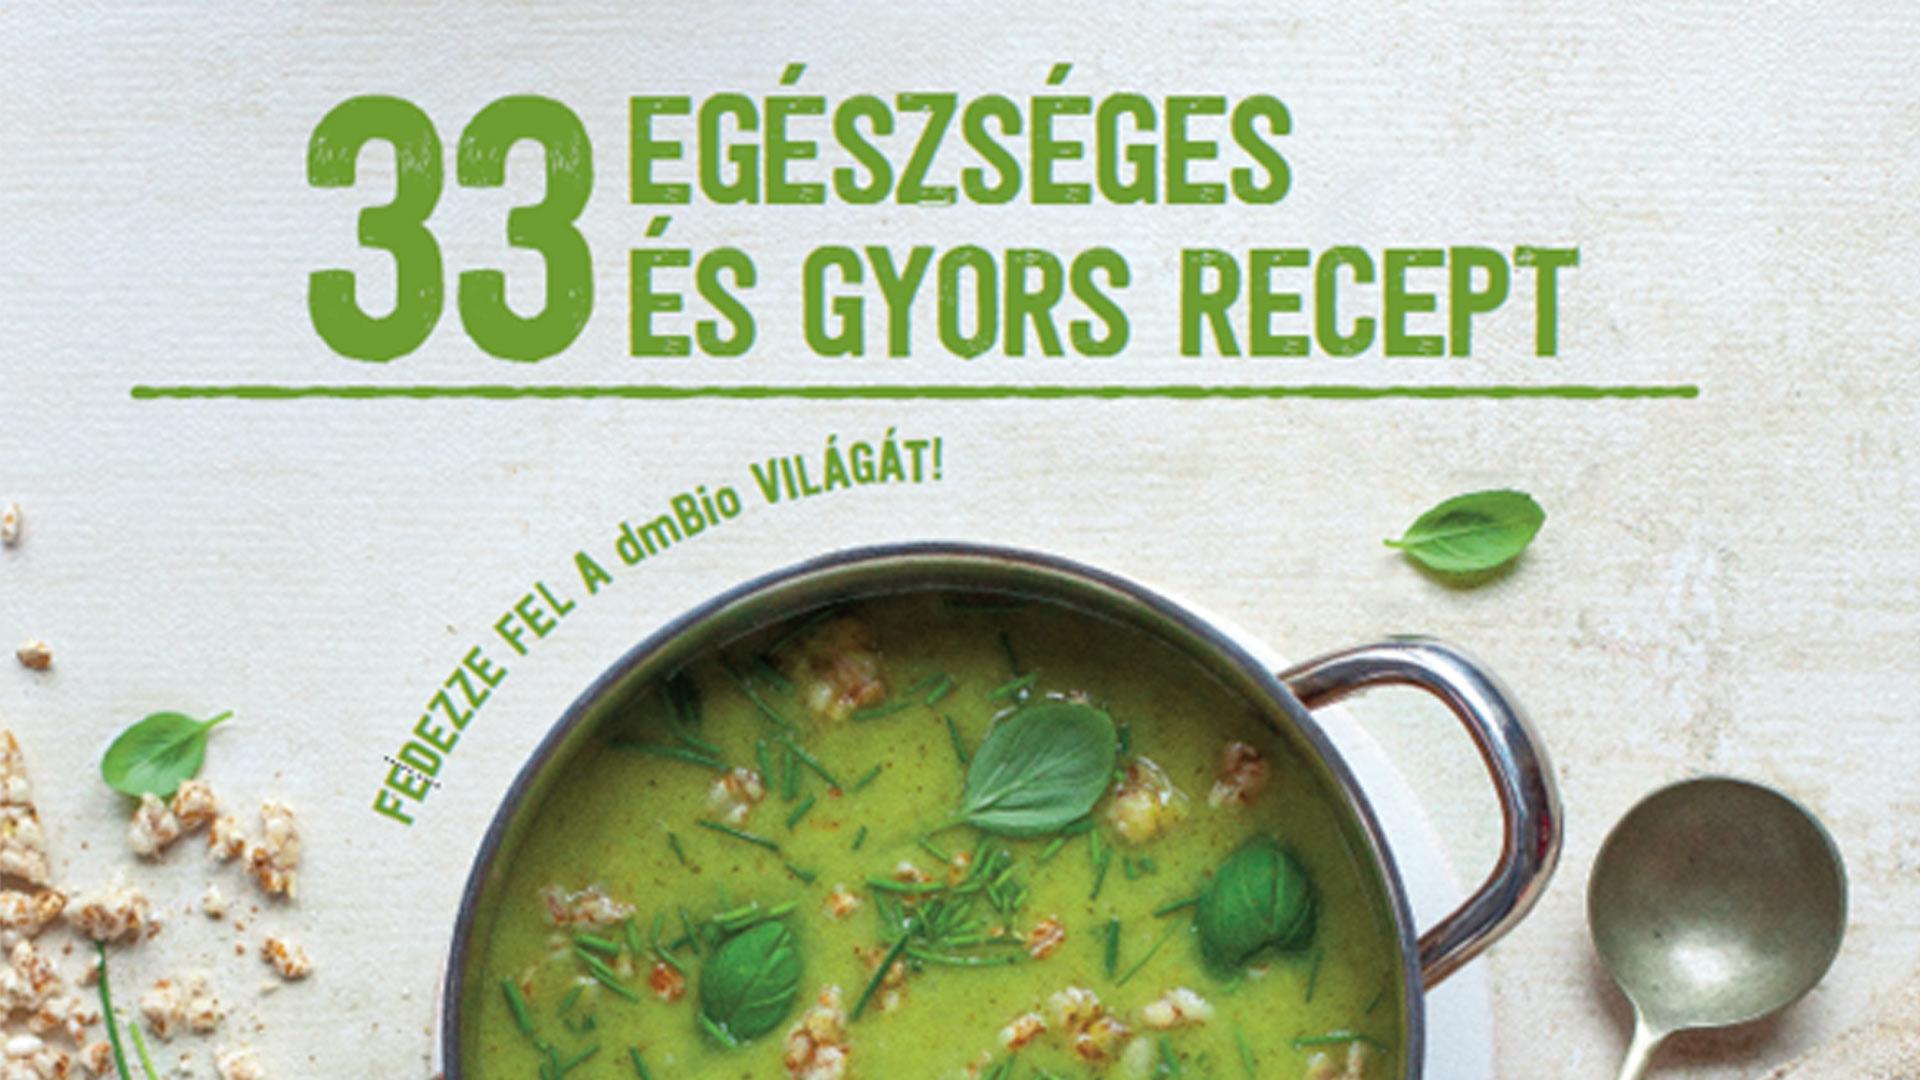 33 egészséges és gyors recept